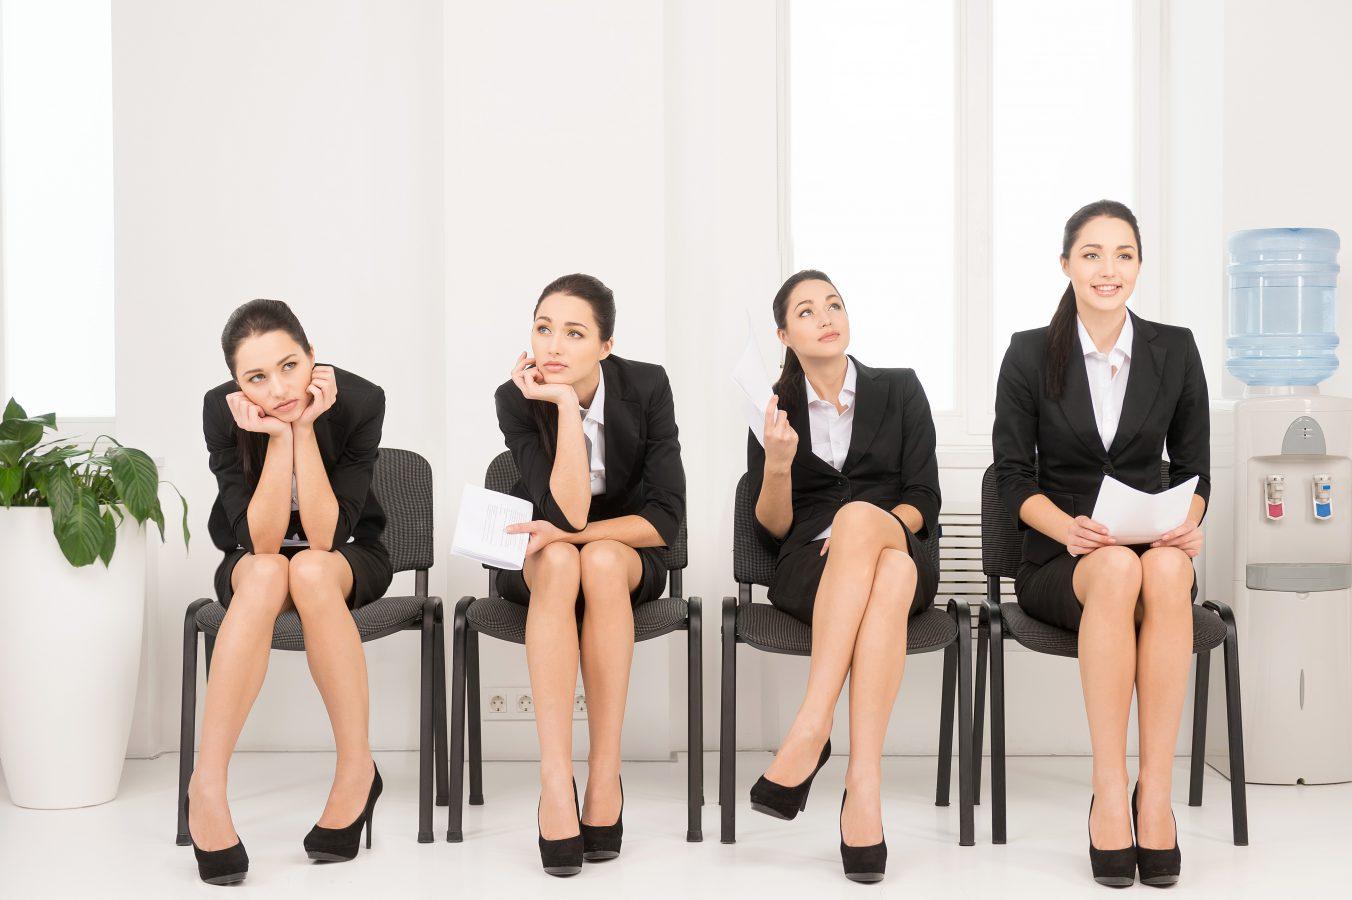 Les professions qui refusent du monde : est-ce la faute aux candidats ?